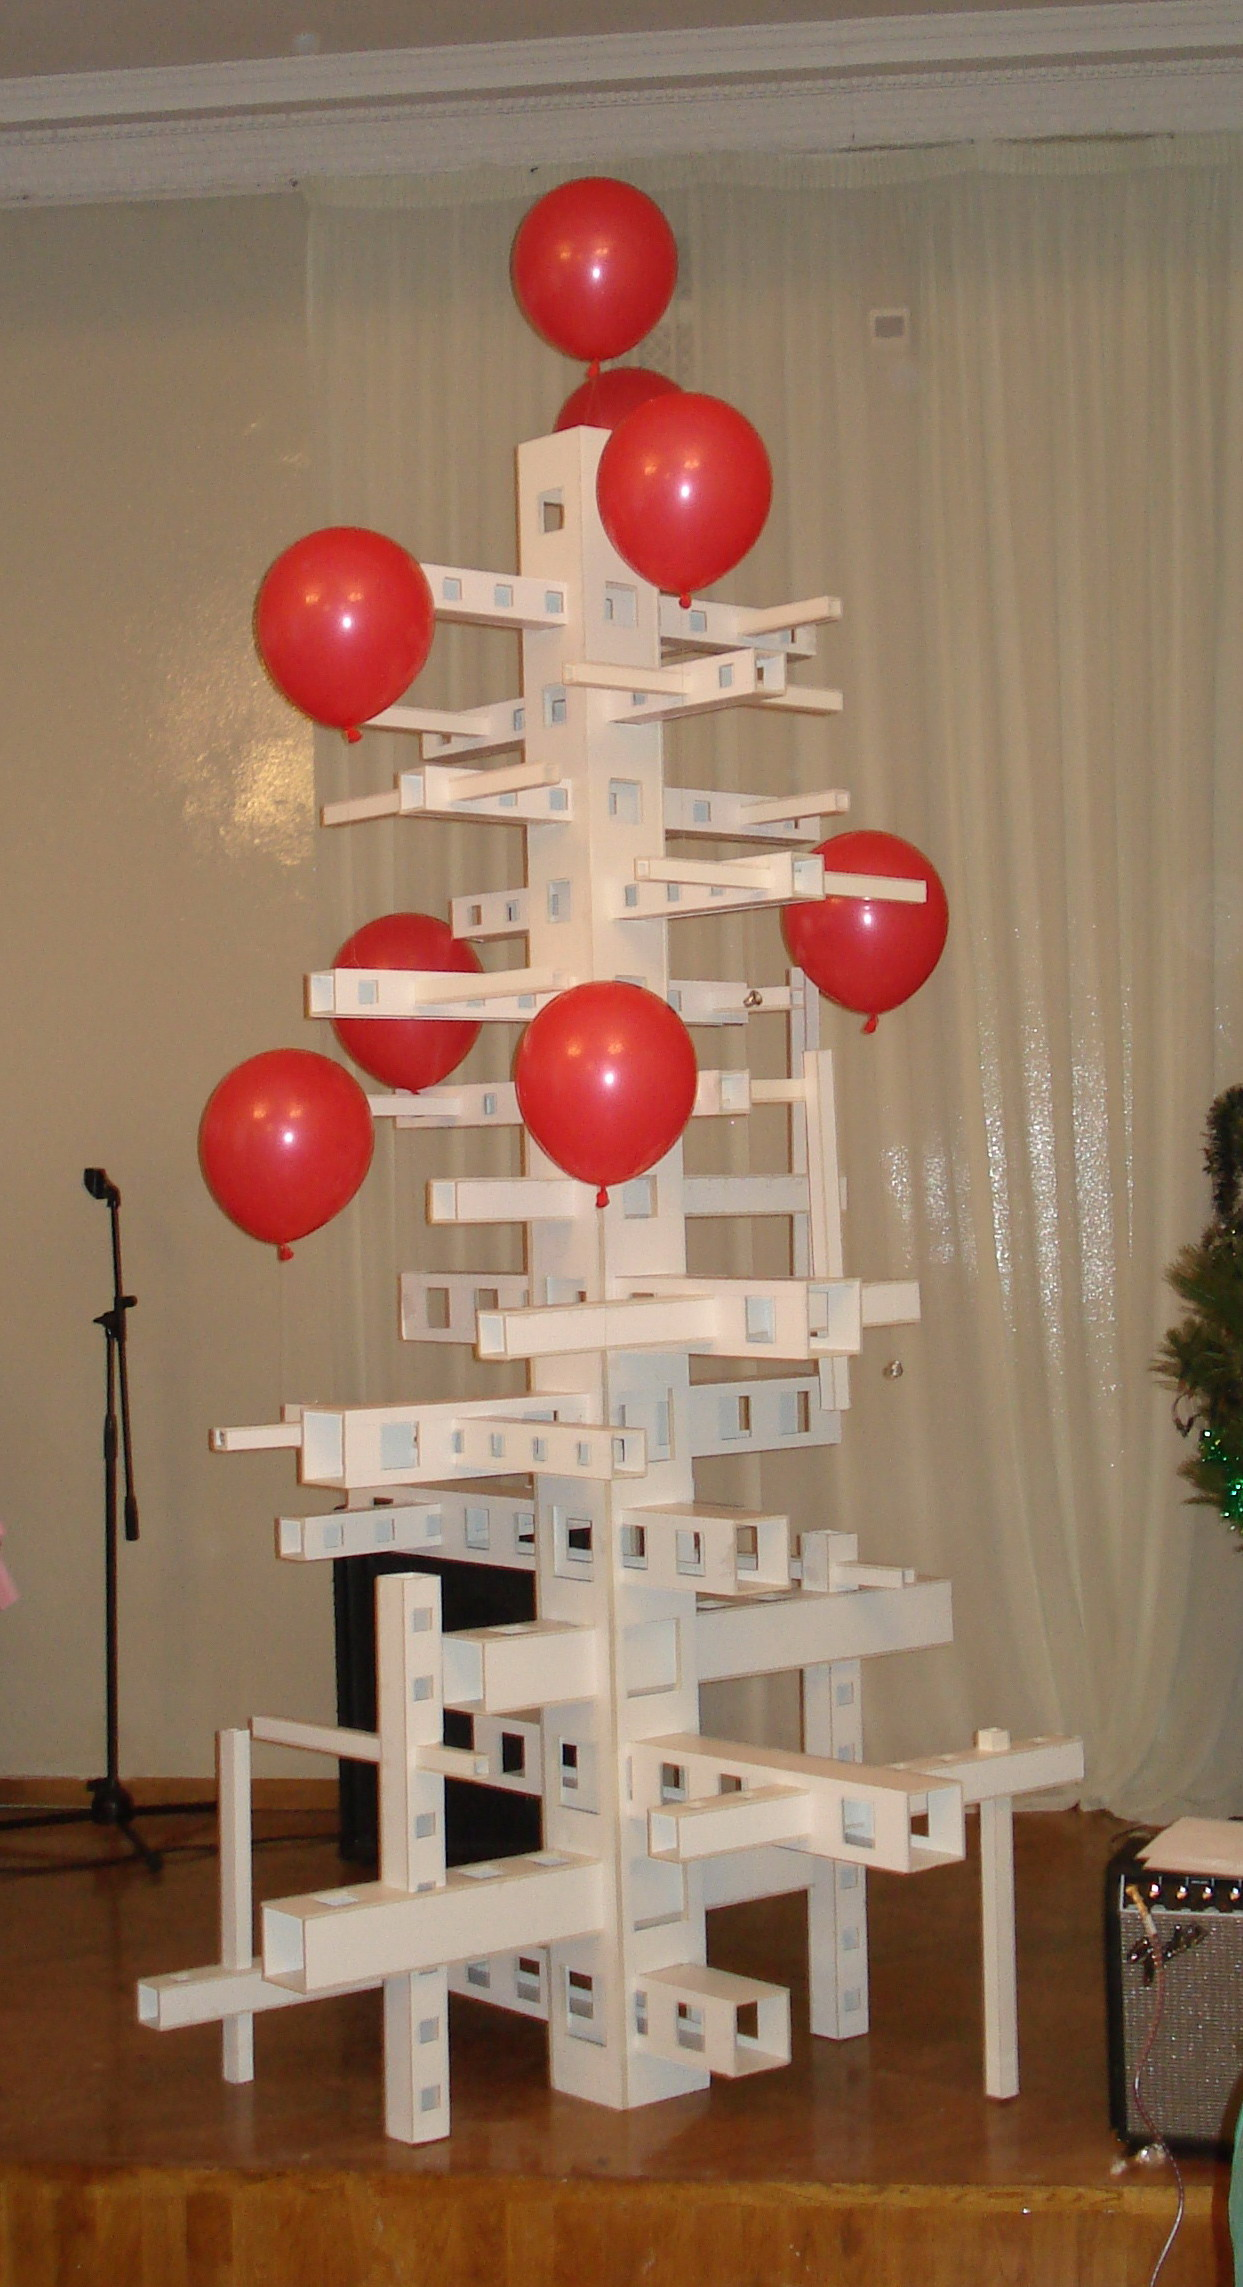 Елка архитекторов). Блиц: новогодняя елка